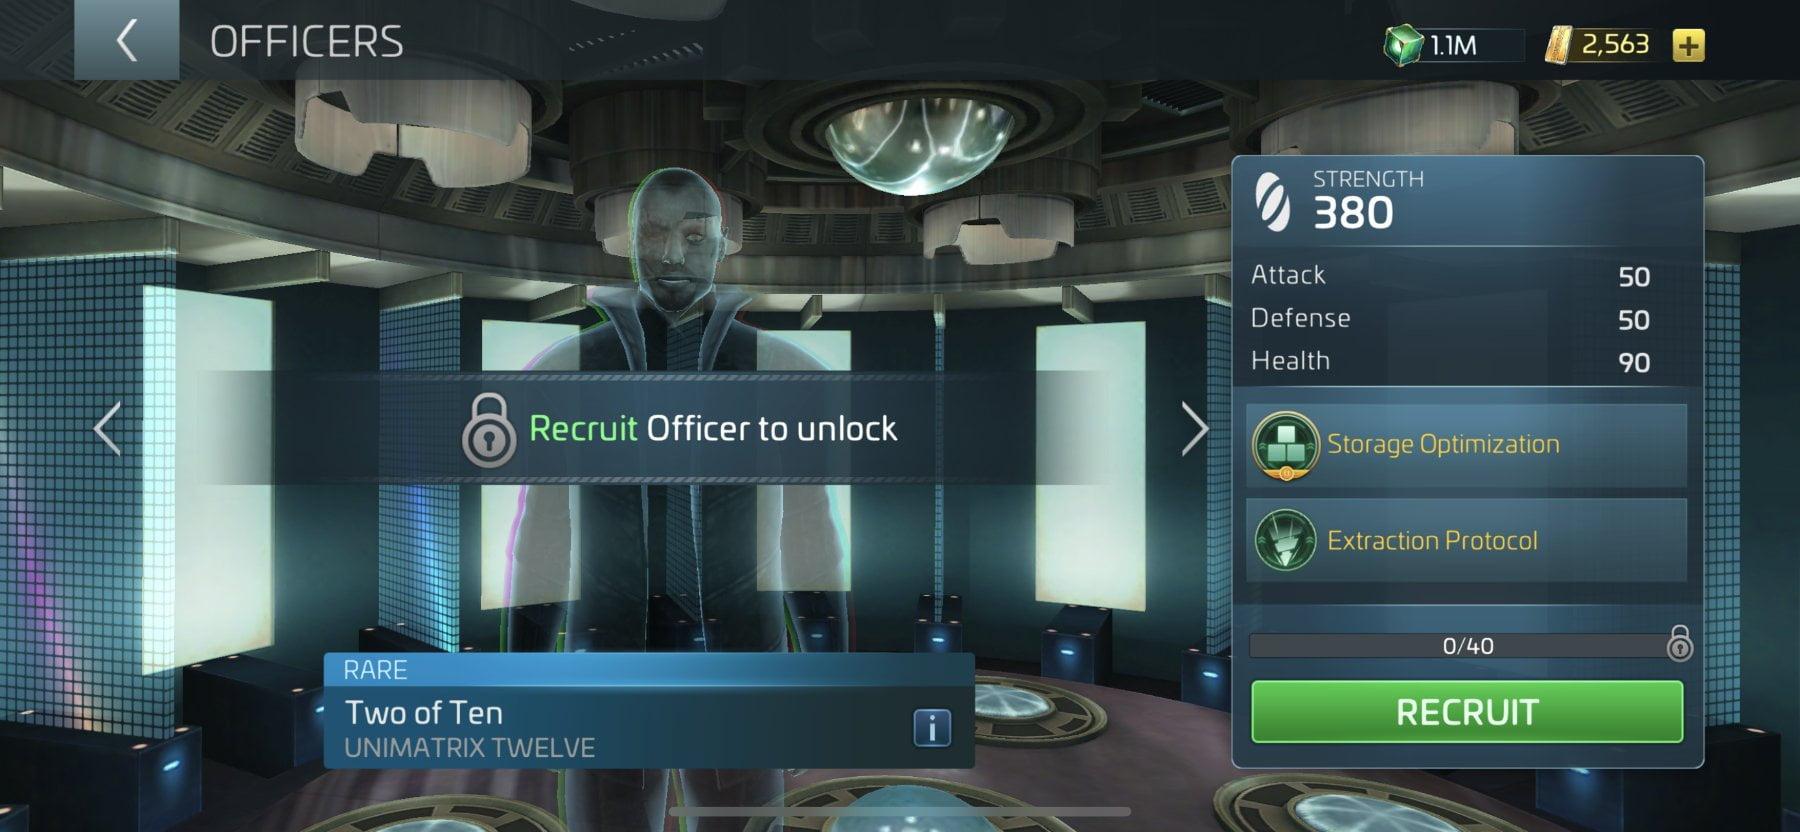 Star Trek Fleet Command Officer Two of Ten